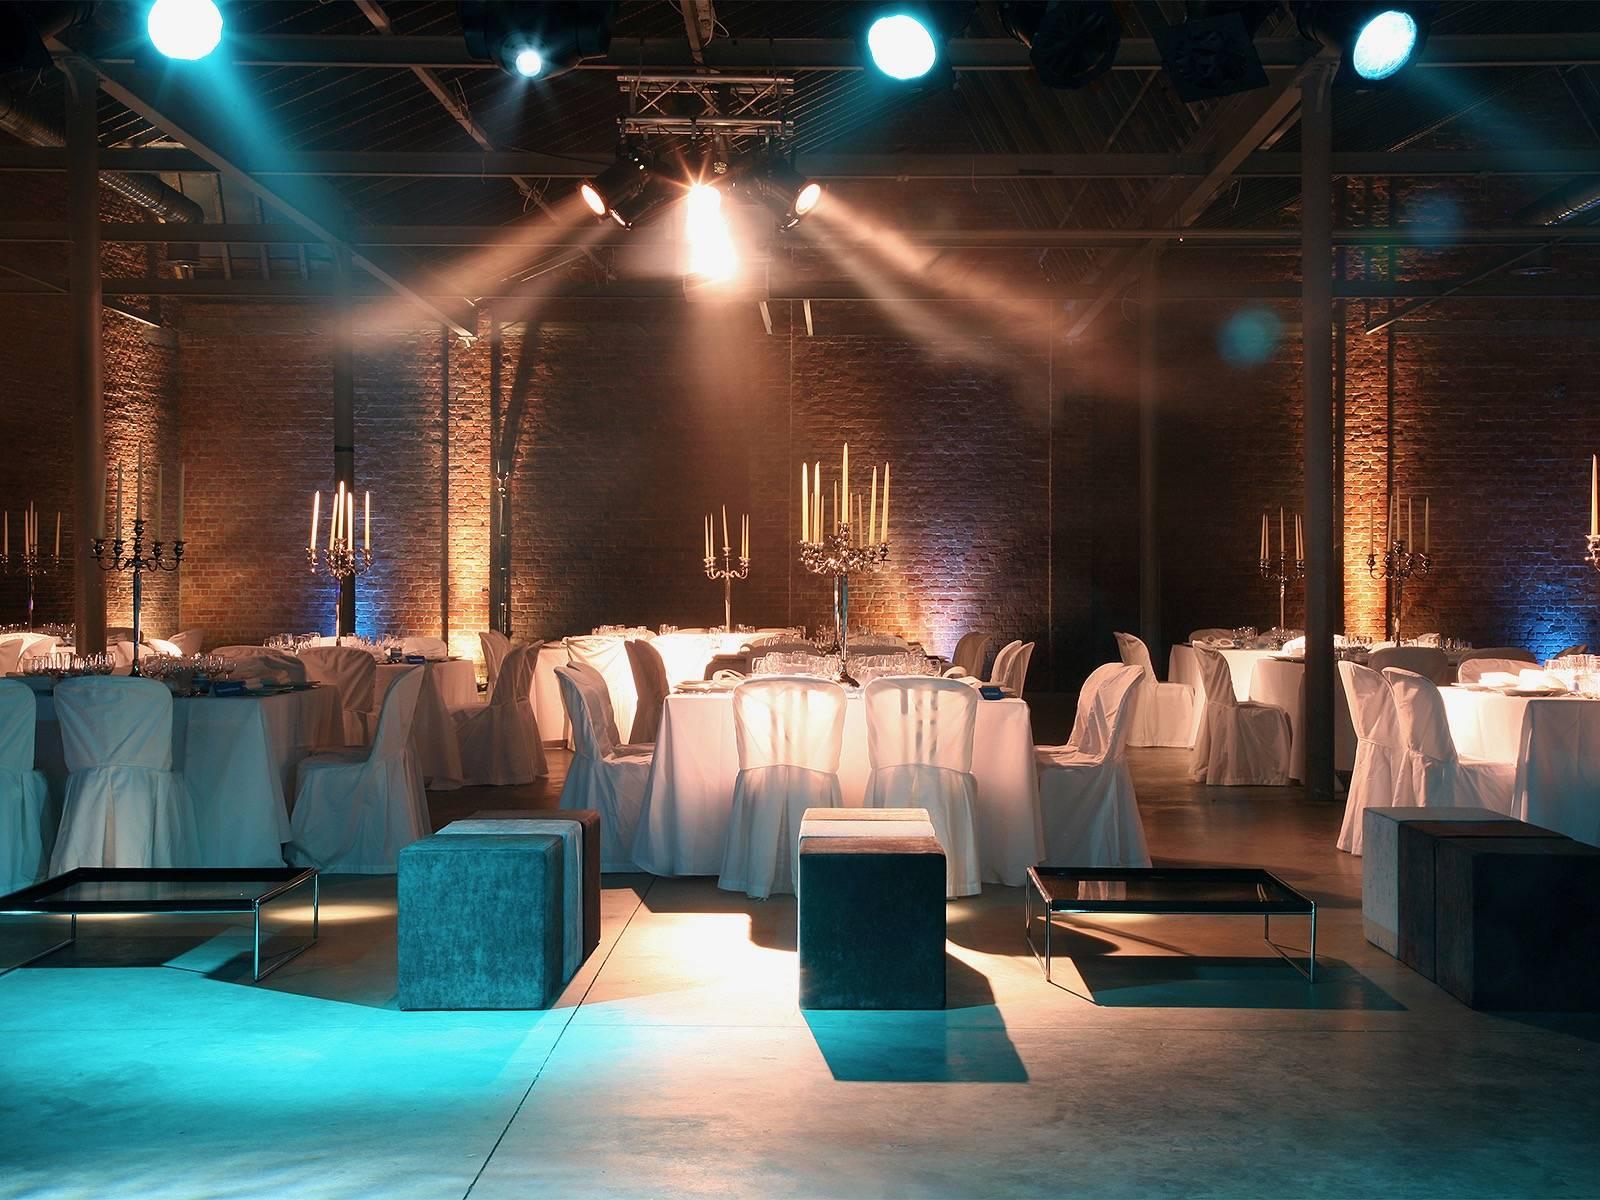 Traiteur Leconte - Catering event - Traiteur - House of Events - 2